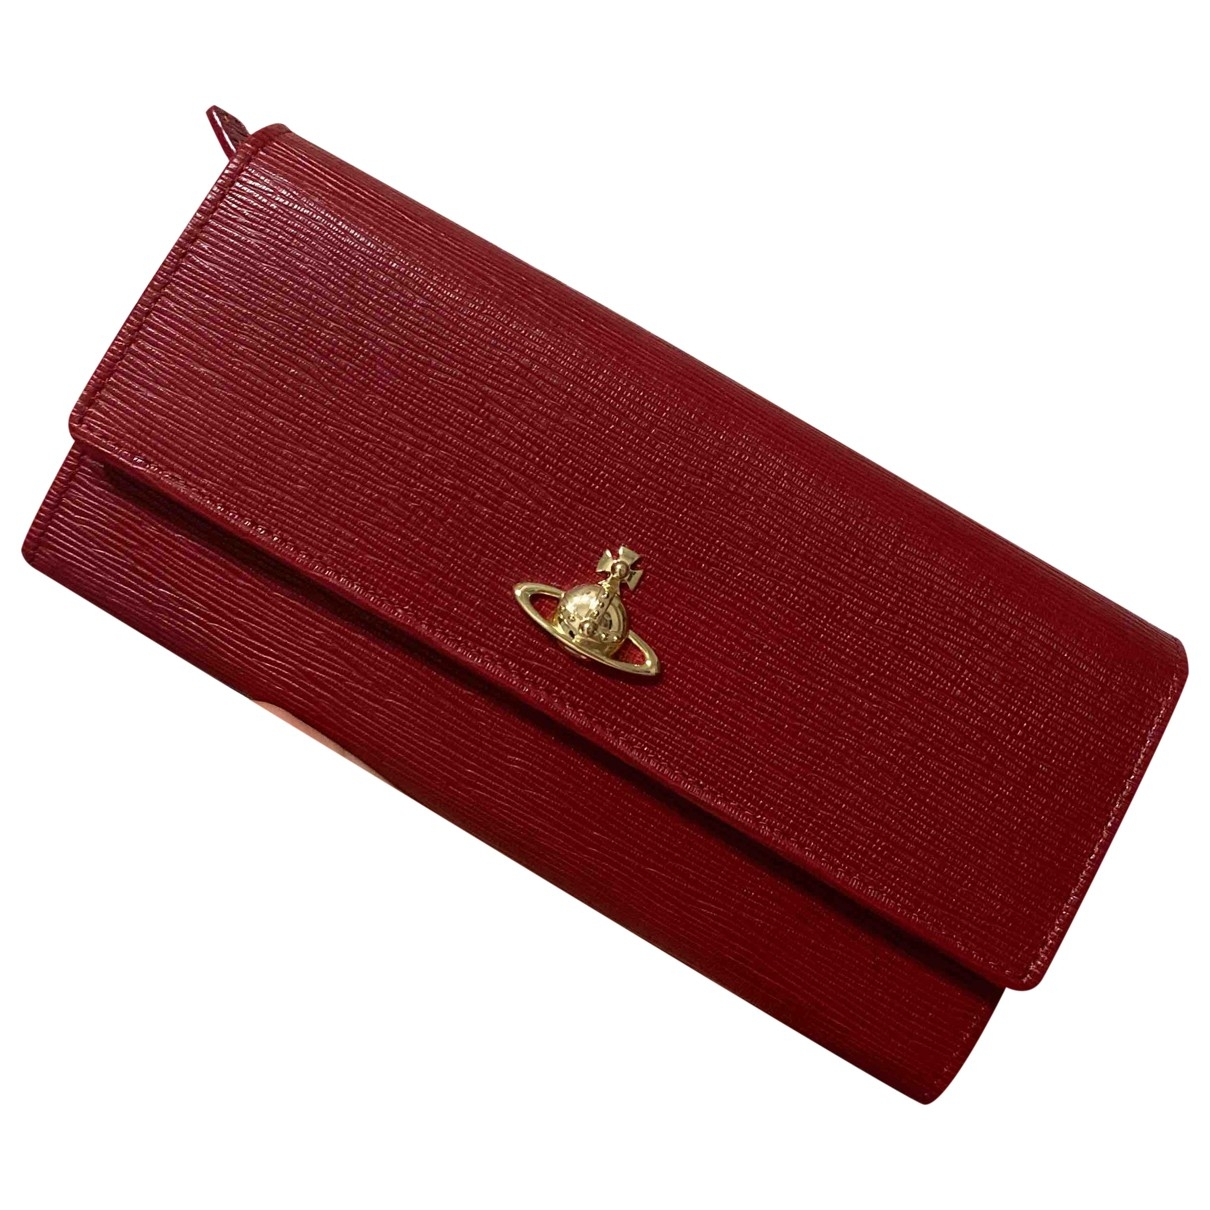 Vivienne Westwood \N Red Leather wallet for Women \N